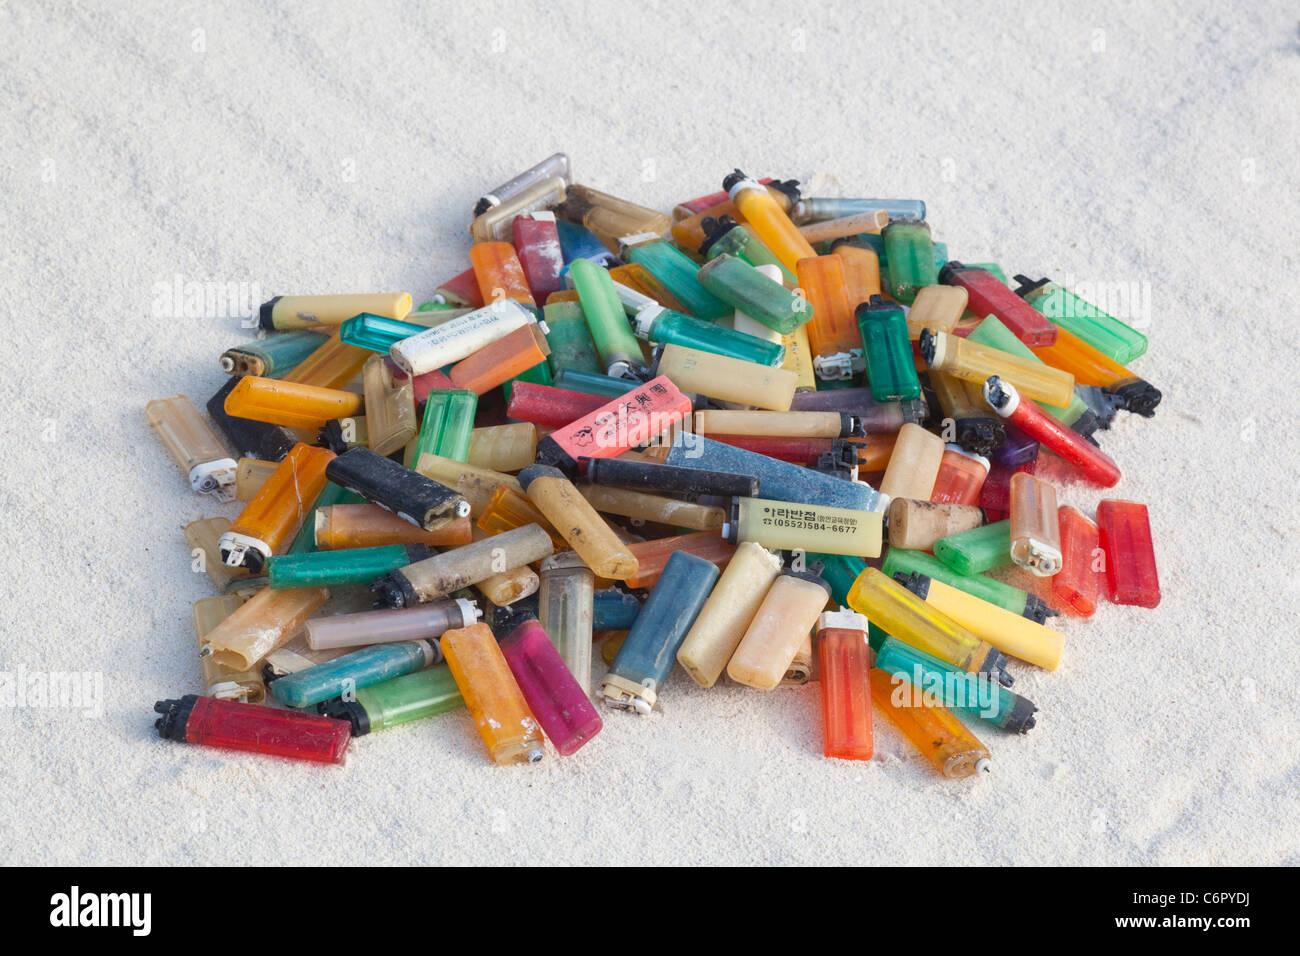 Los encendedores de cigarrillos que arrastrado en una isla del Pacífico playa y fueron recogidos por los turistas para evitar daños a las aves marinas y otras especies de vida silvestre Foto de stock